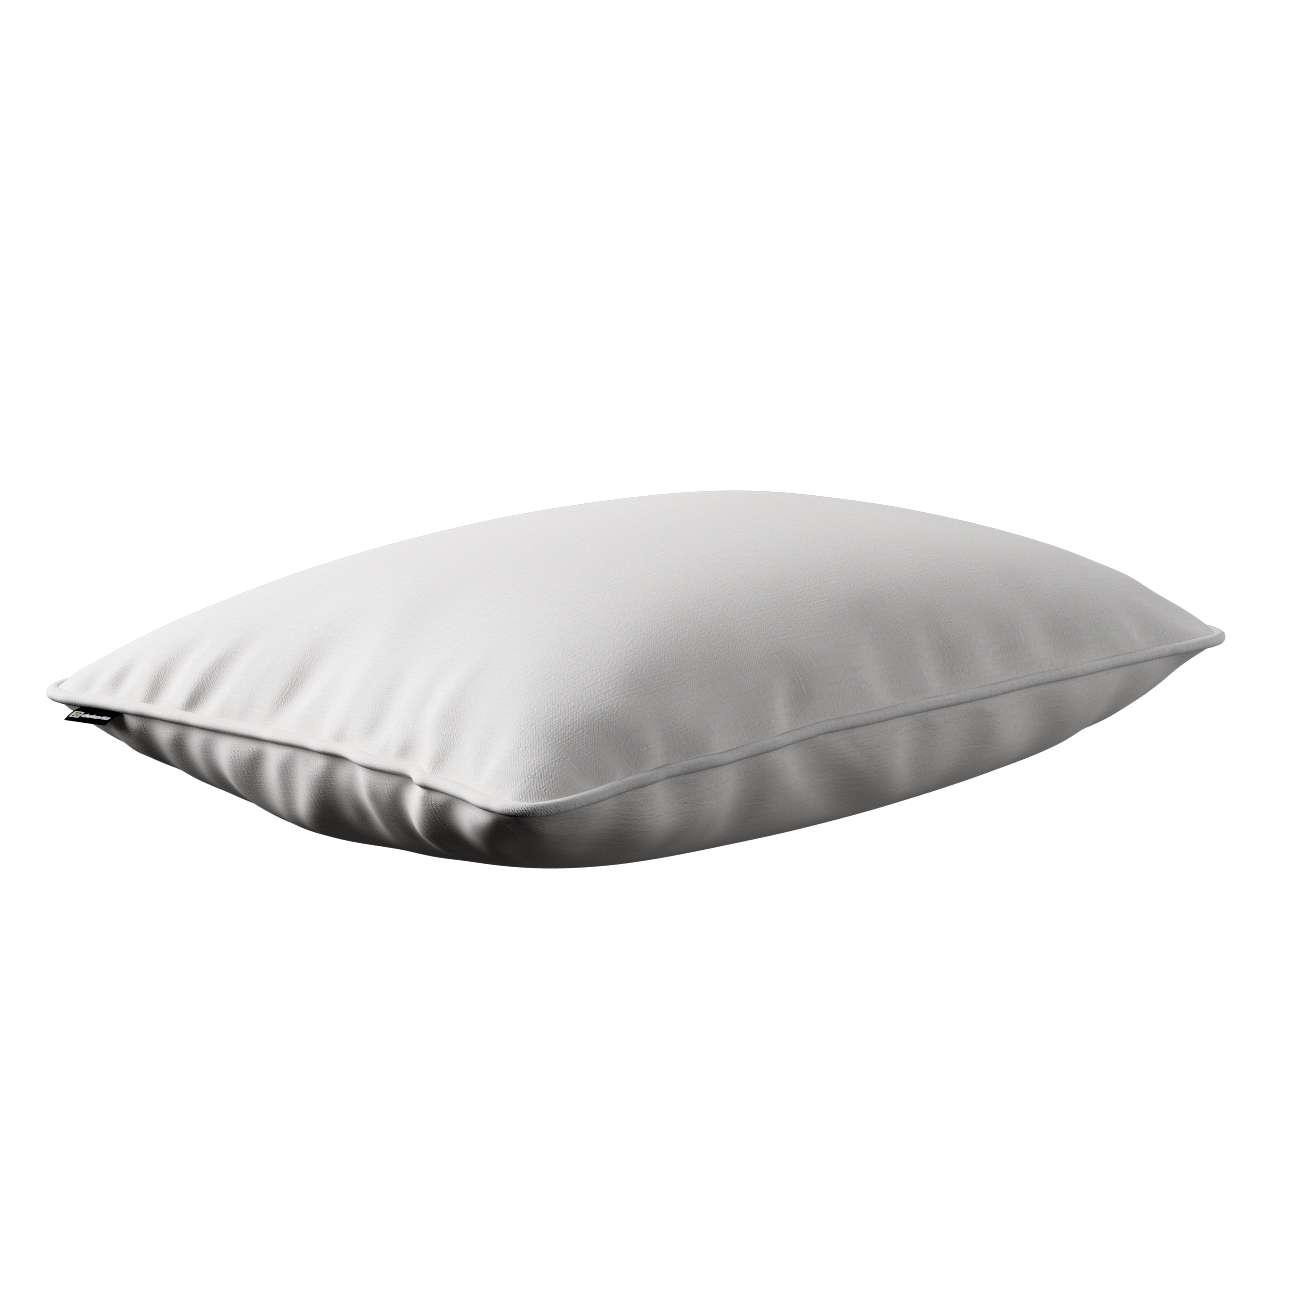 Poszewka Gabi na poduszkę prostokątna w kolekcji Linen, tkanina: 392-04